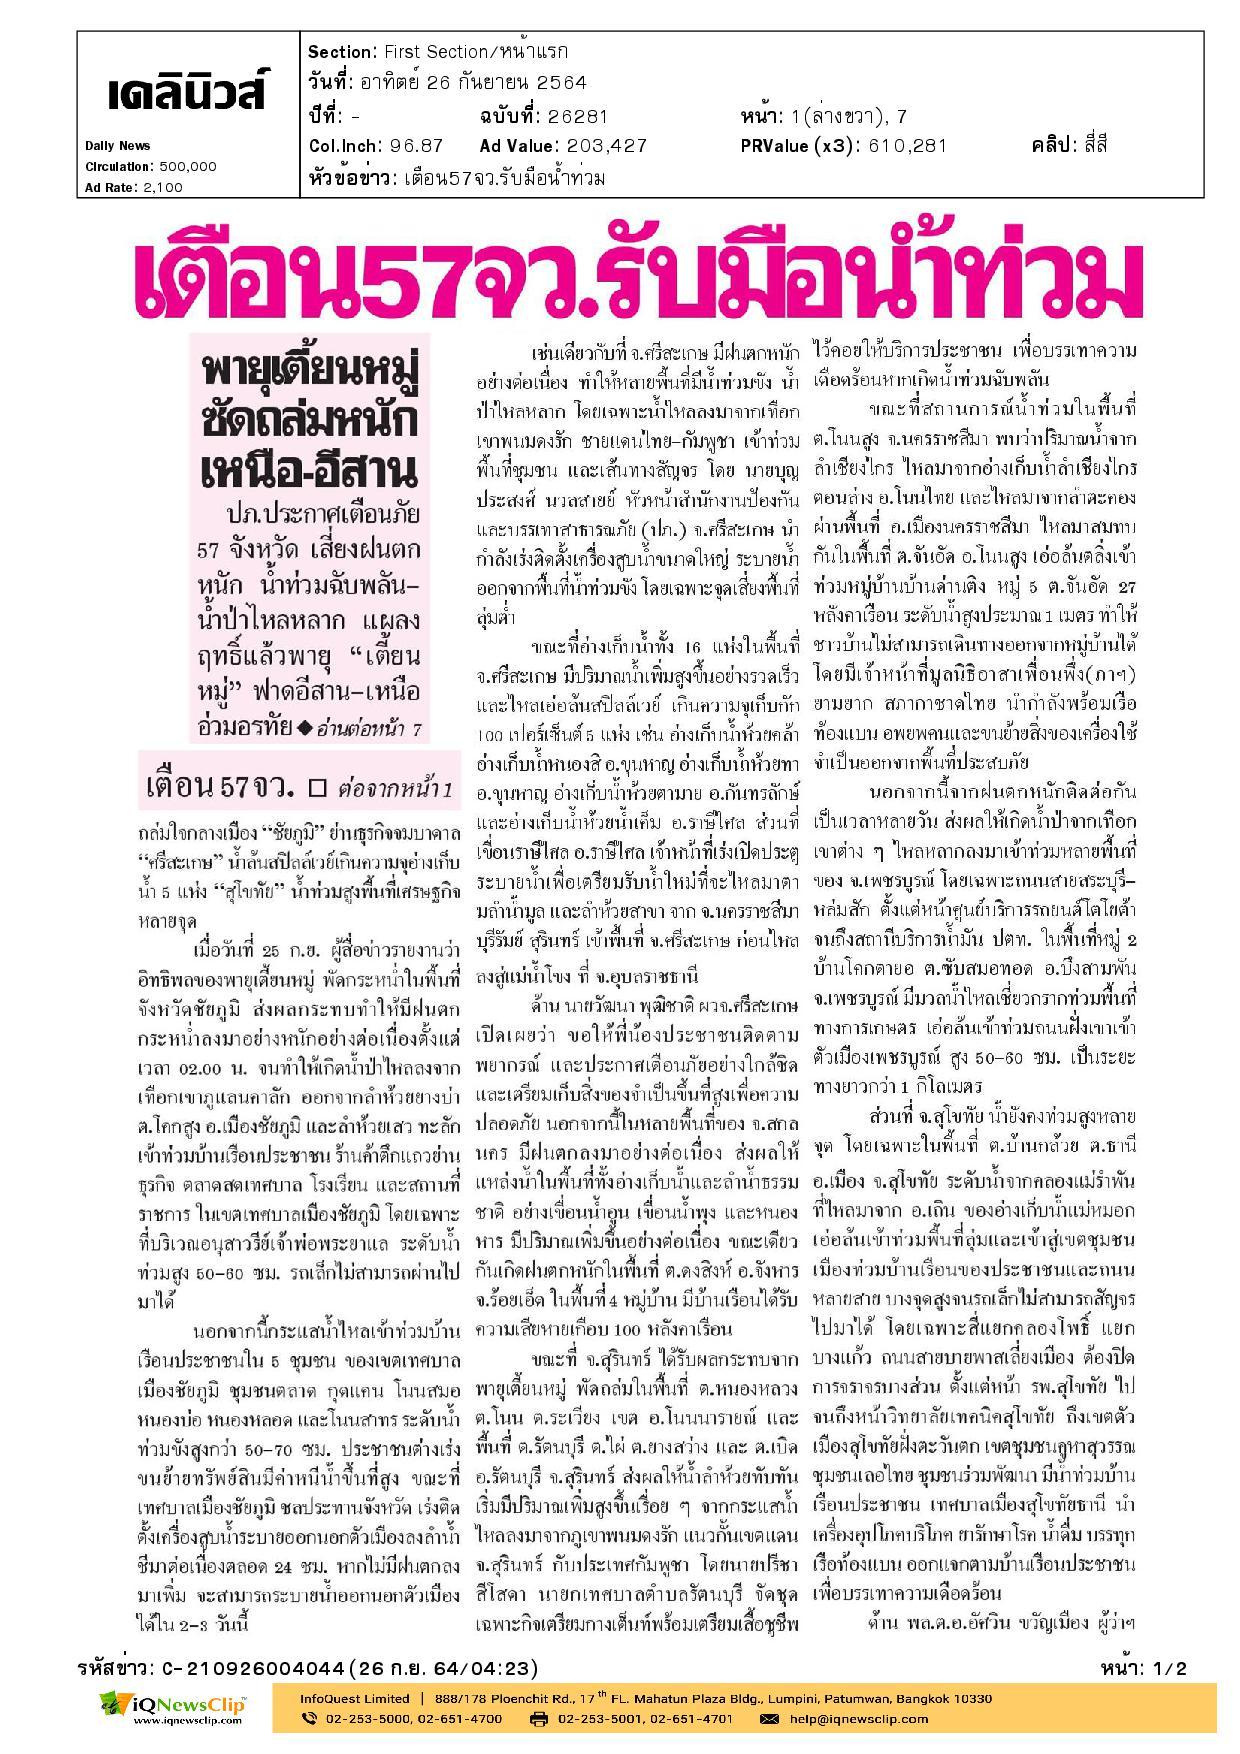 เจ้าหน้าที่มูลนิธิอาสาเพื่อนพึ่ง (ภาฯ) ยามยาก สภากาชาดไทย